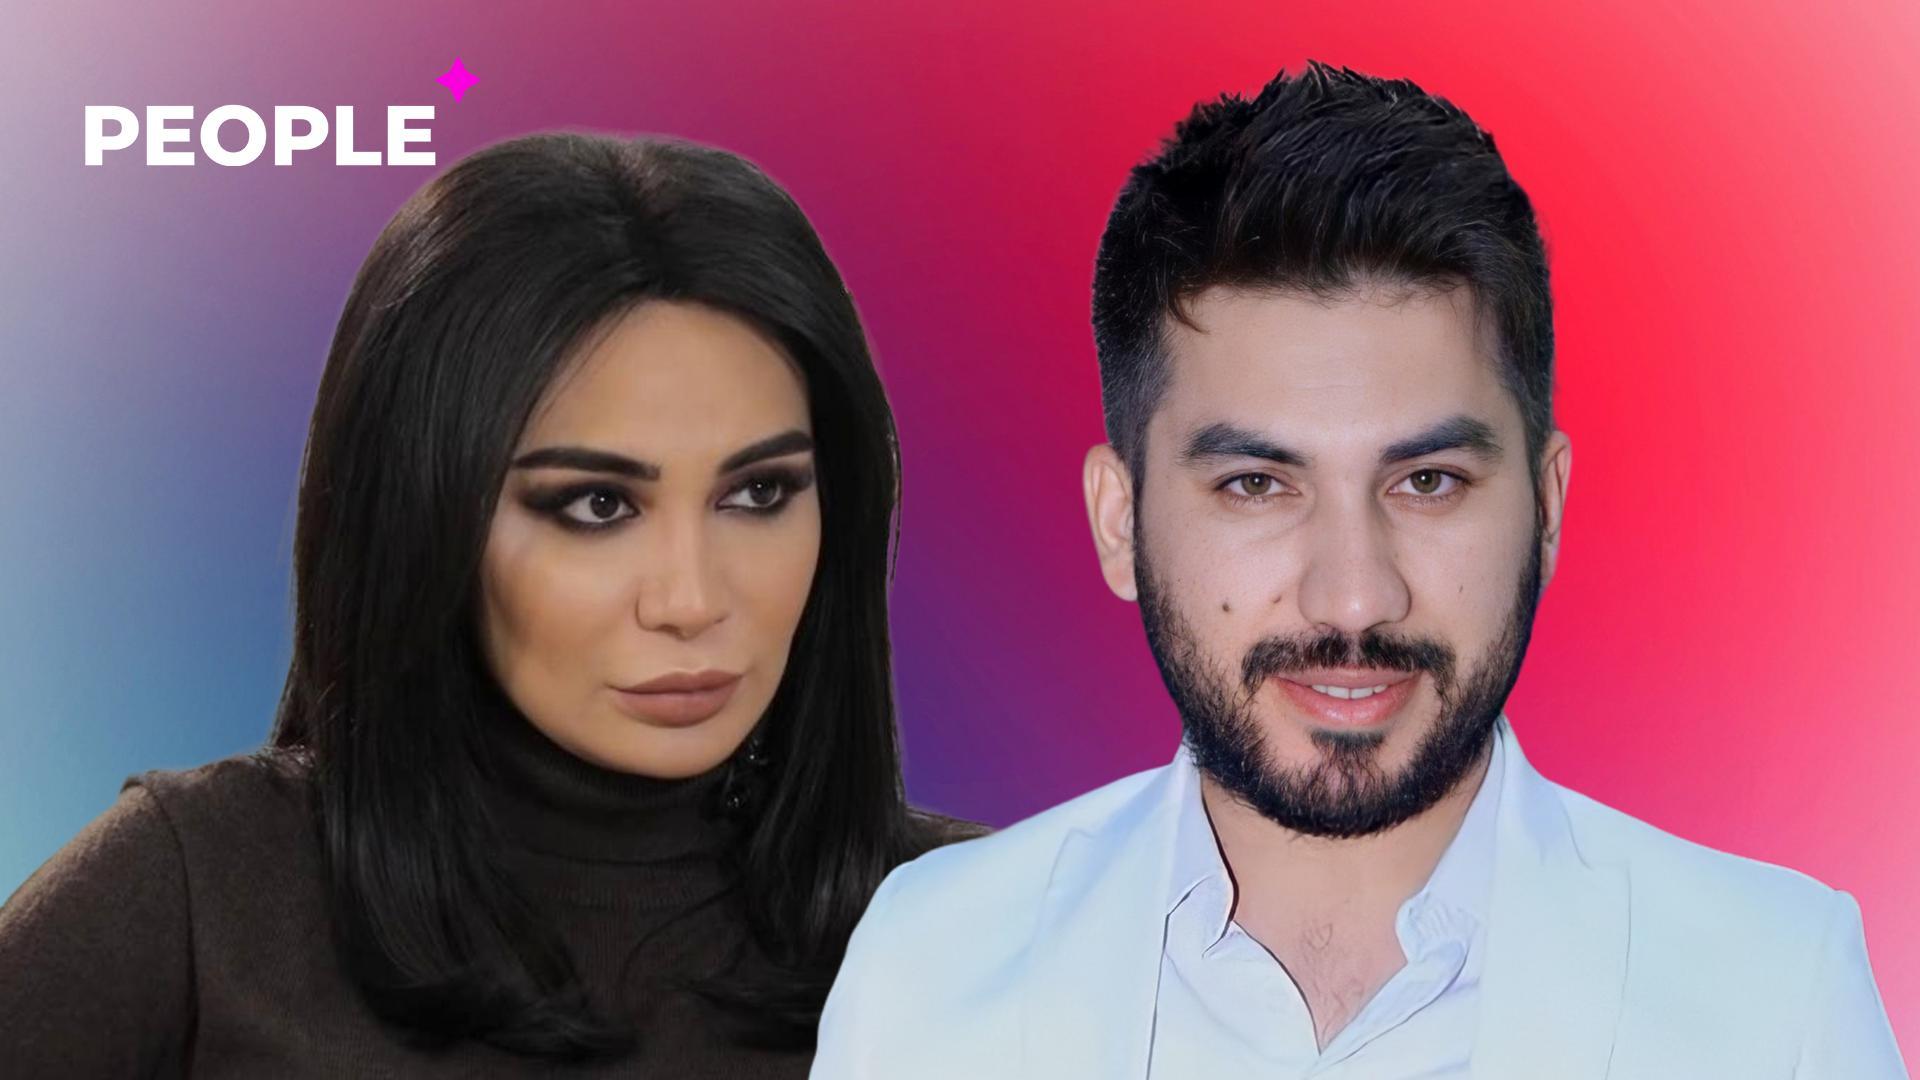 Скандальный режиссер Ахад Каюм заявил, что Муниса Ризаева предлагала ему деньги ради пиара — видео